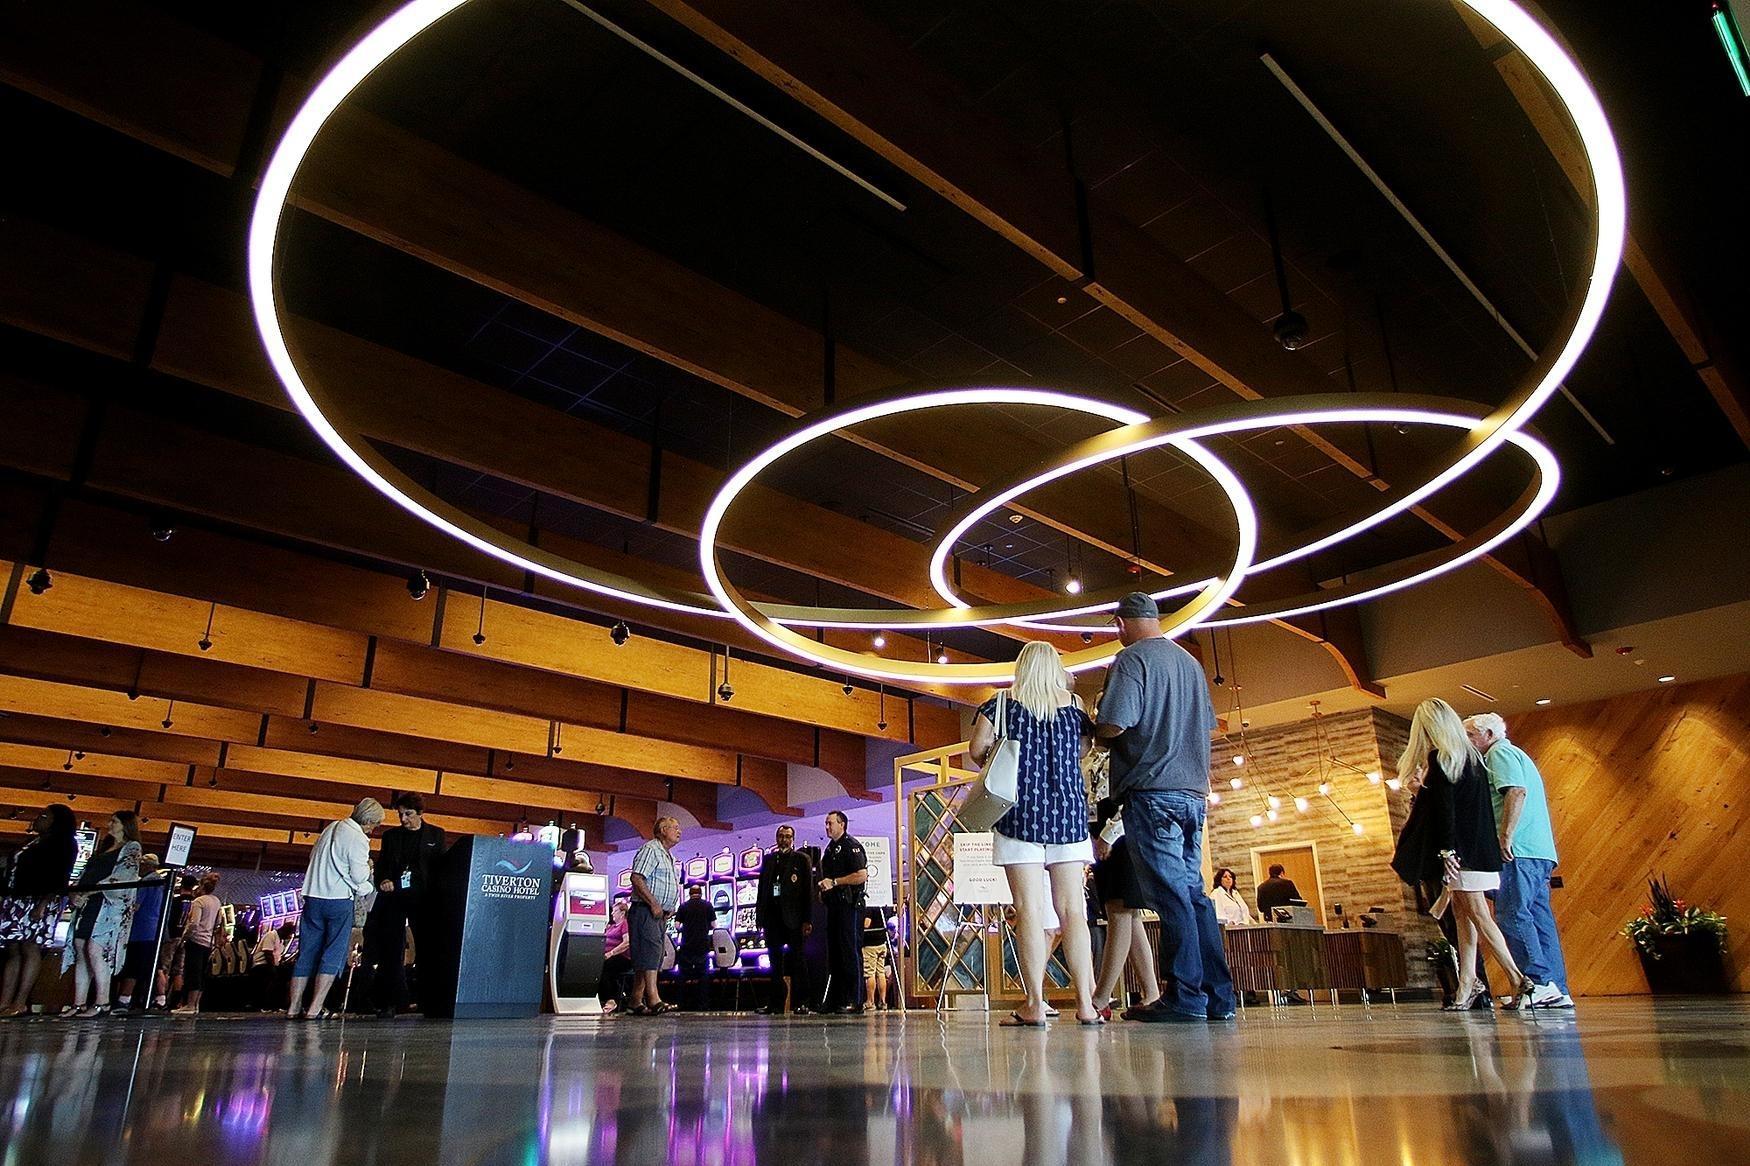 'Anda harus belajar dari kesalahan Anda': Tiverton menyimpan pendapatan kasino dalam akun khusus untuk tahun fiskal depan - Berita - Marlborough Enterprise